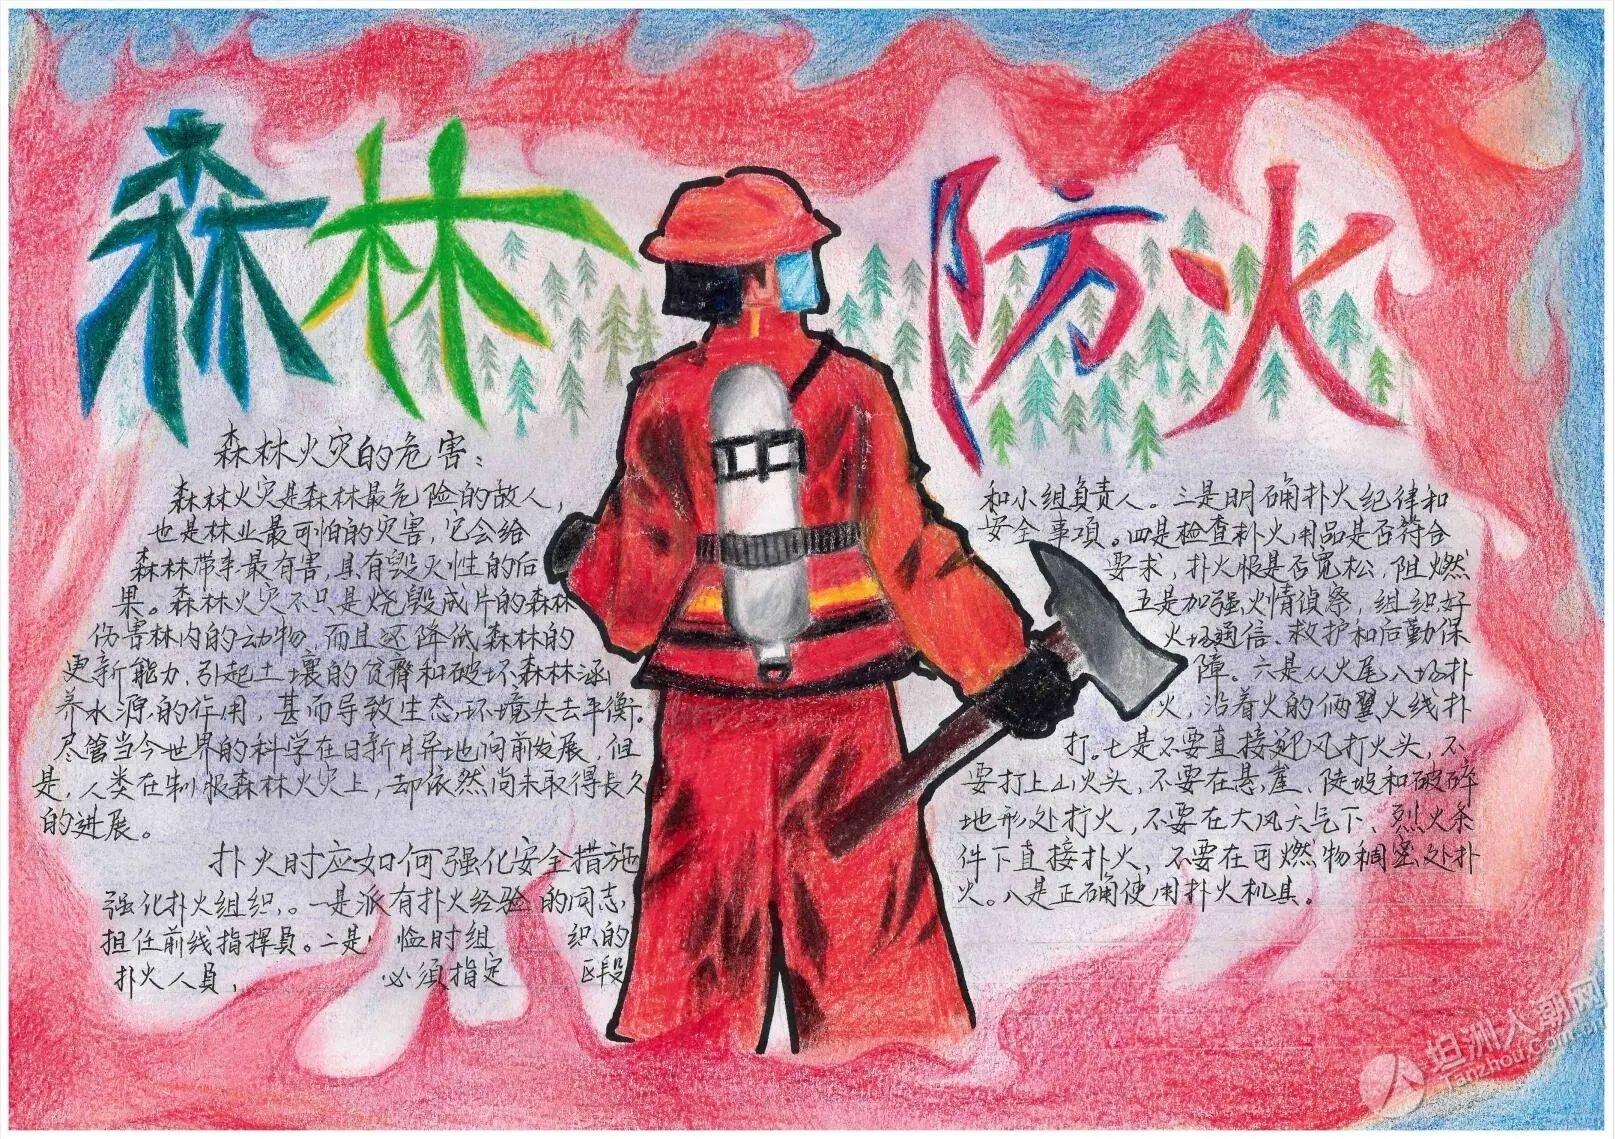 护林防火画出来!来看看坦洲一众学子的画功